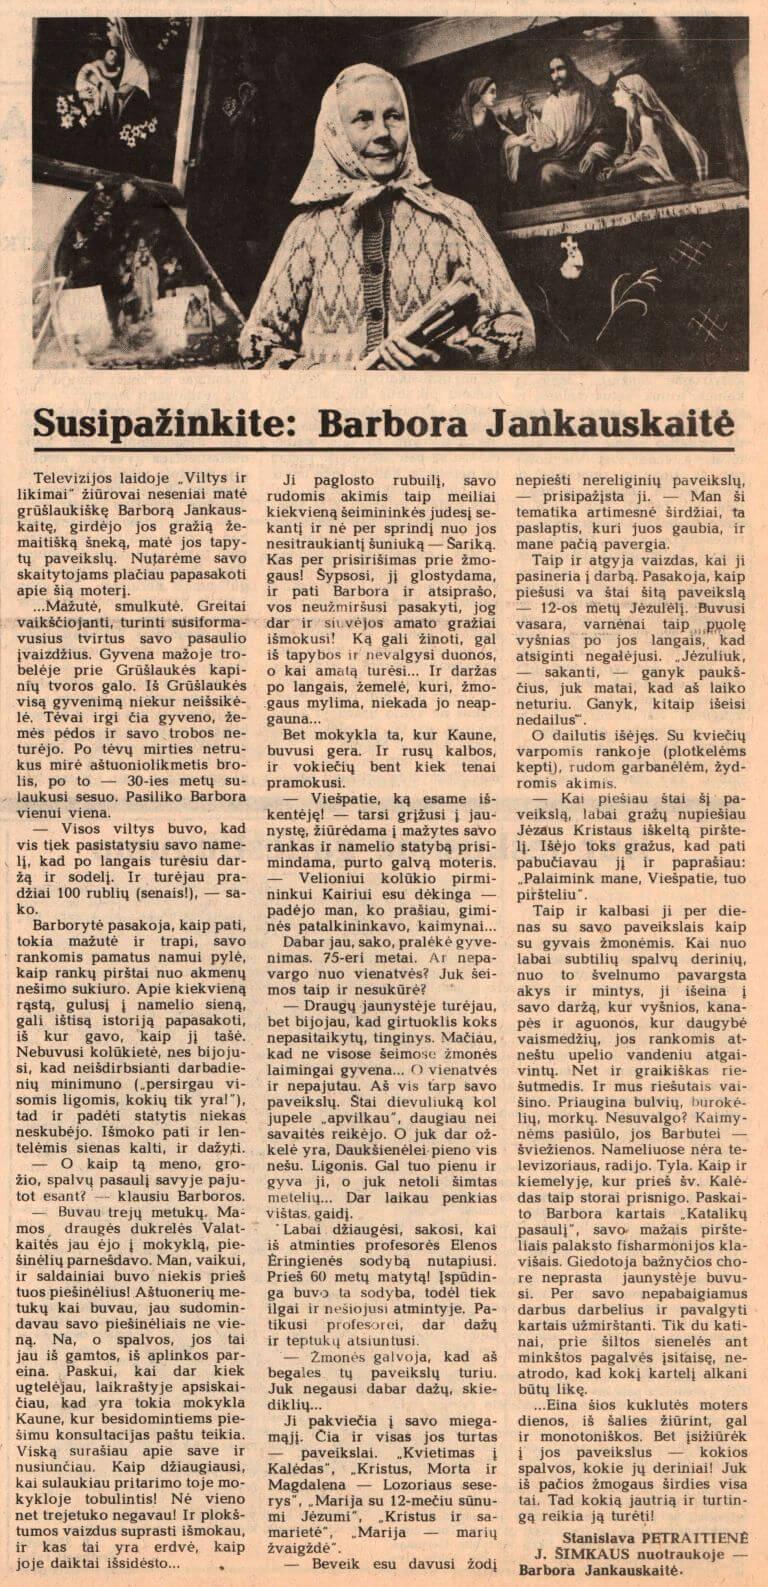 PETRAITIENĖ, Stanislava. Susipažinkite: Barbora Jankauskaitė. Iš Švyturys. 1991, saus. 5, p. 3